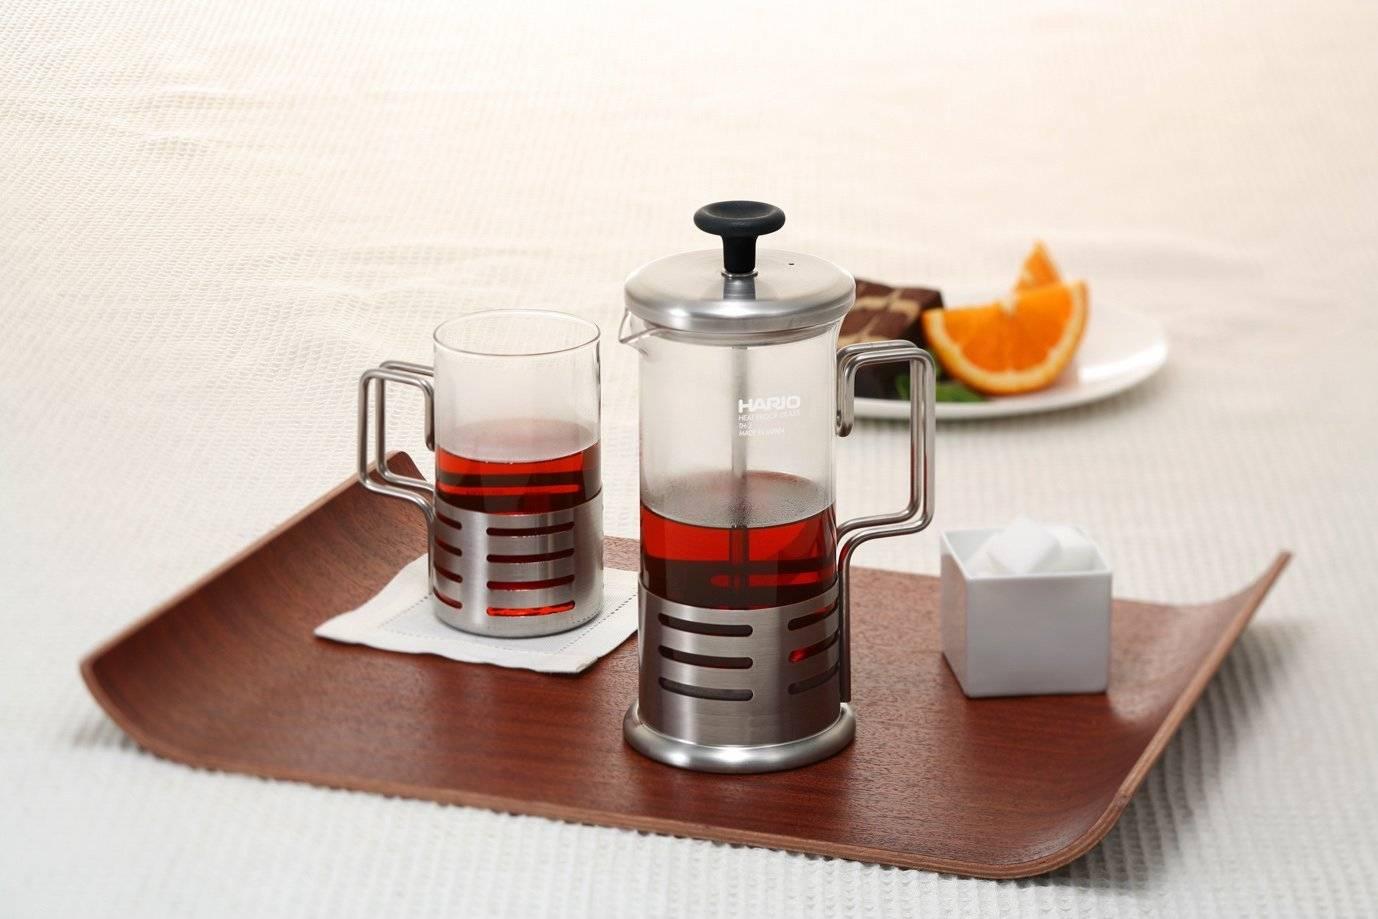 Как заваривать кофе в френч прессе. как готовить кофе во френч-прессе. пошаговое руководство по приготовлению кофе во френч-прессе.